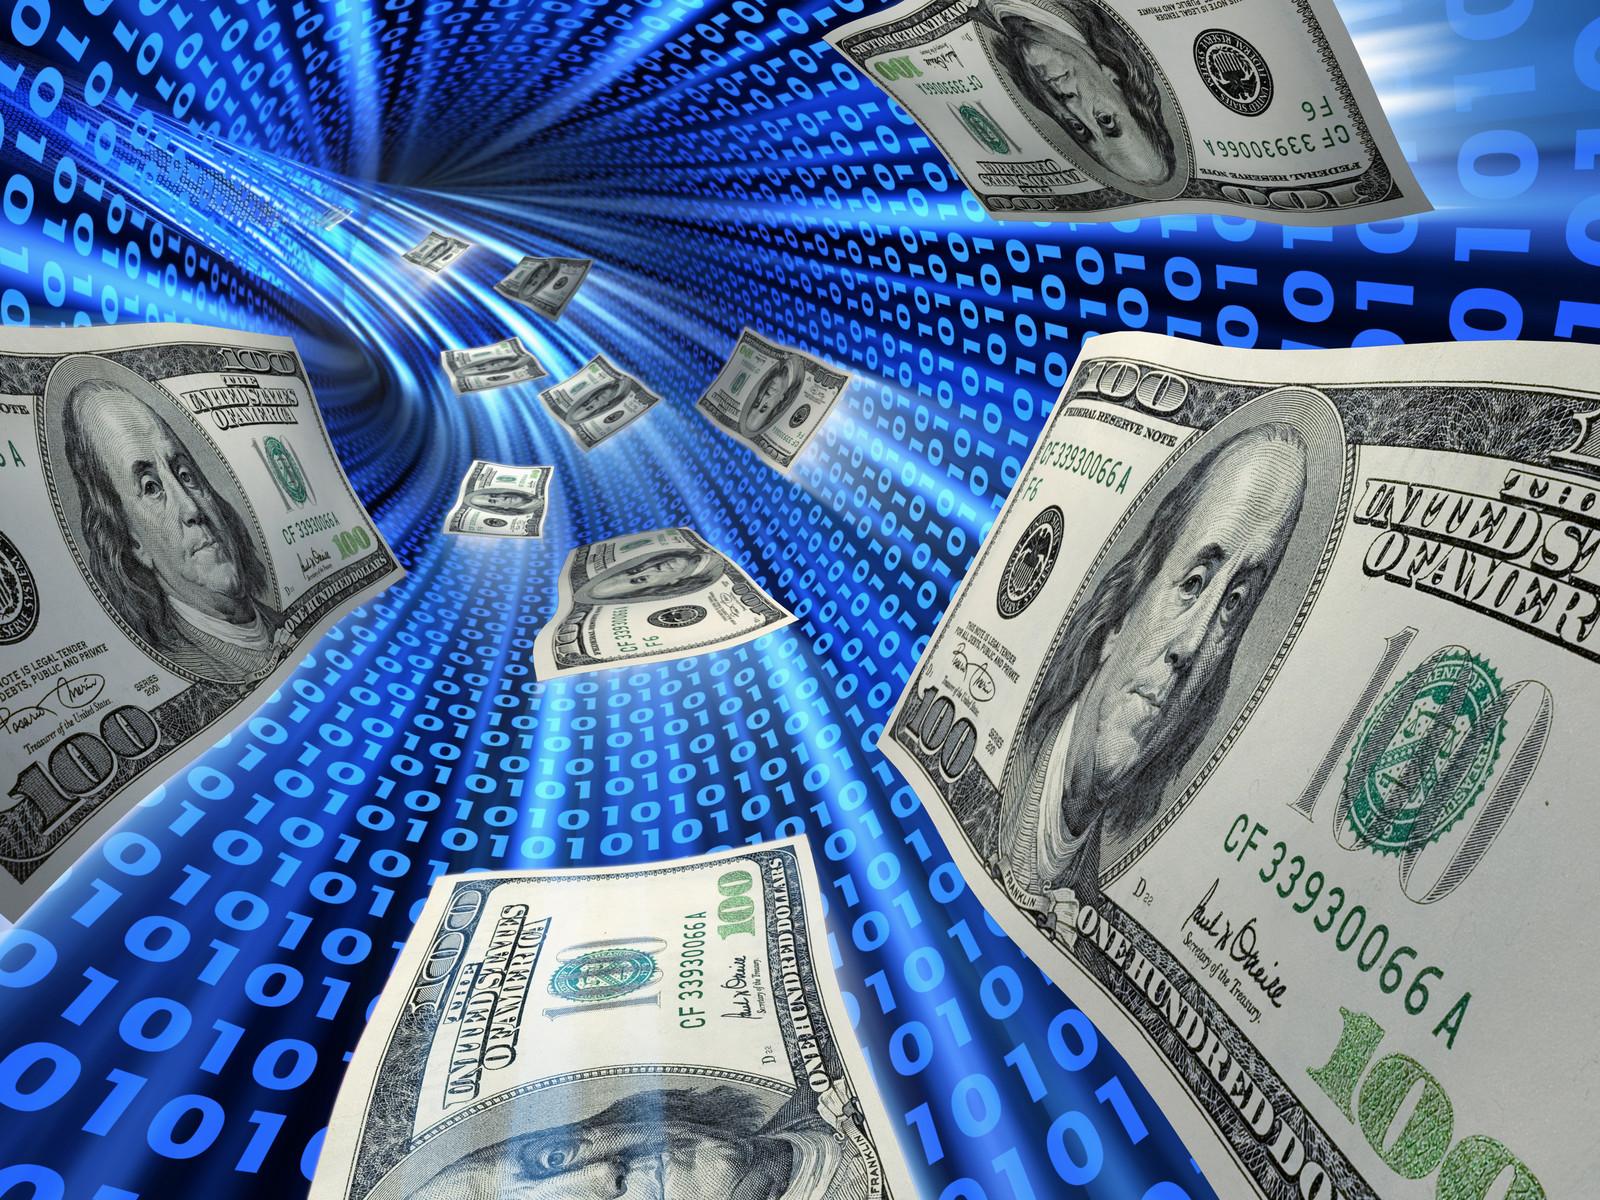 Электронные деньги под контроль!